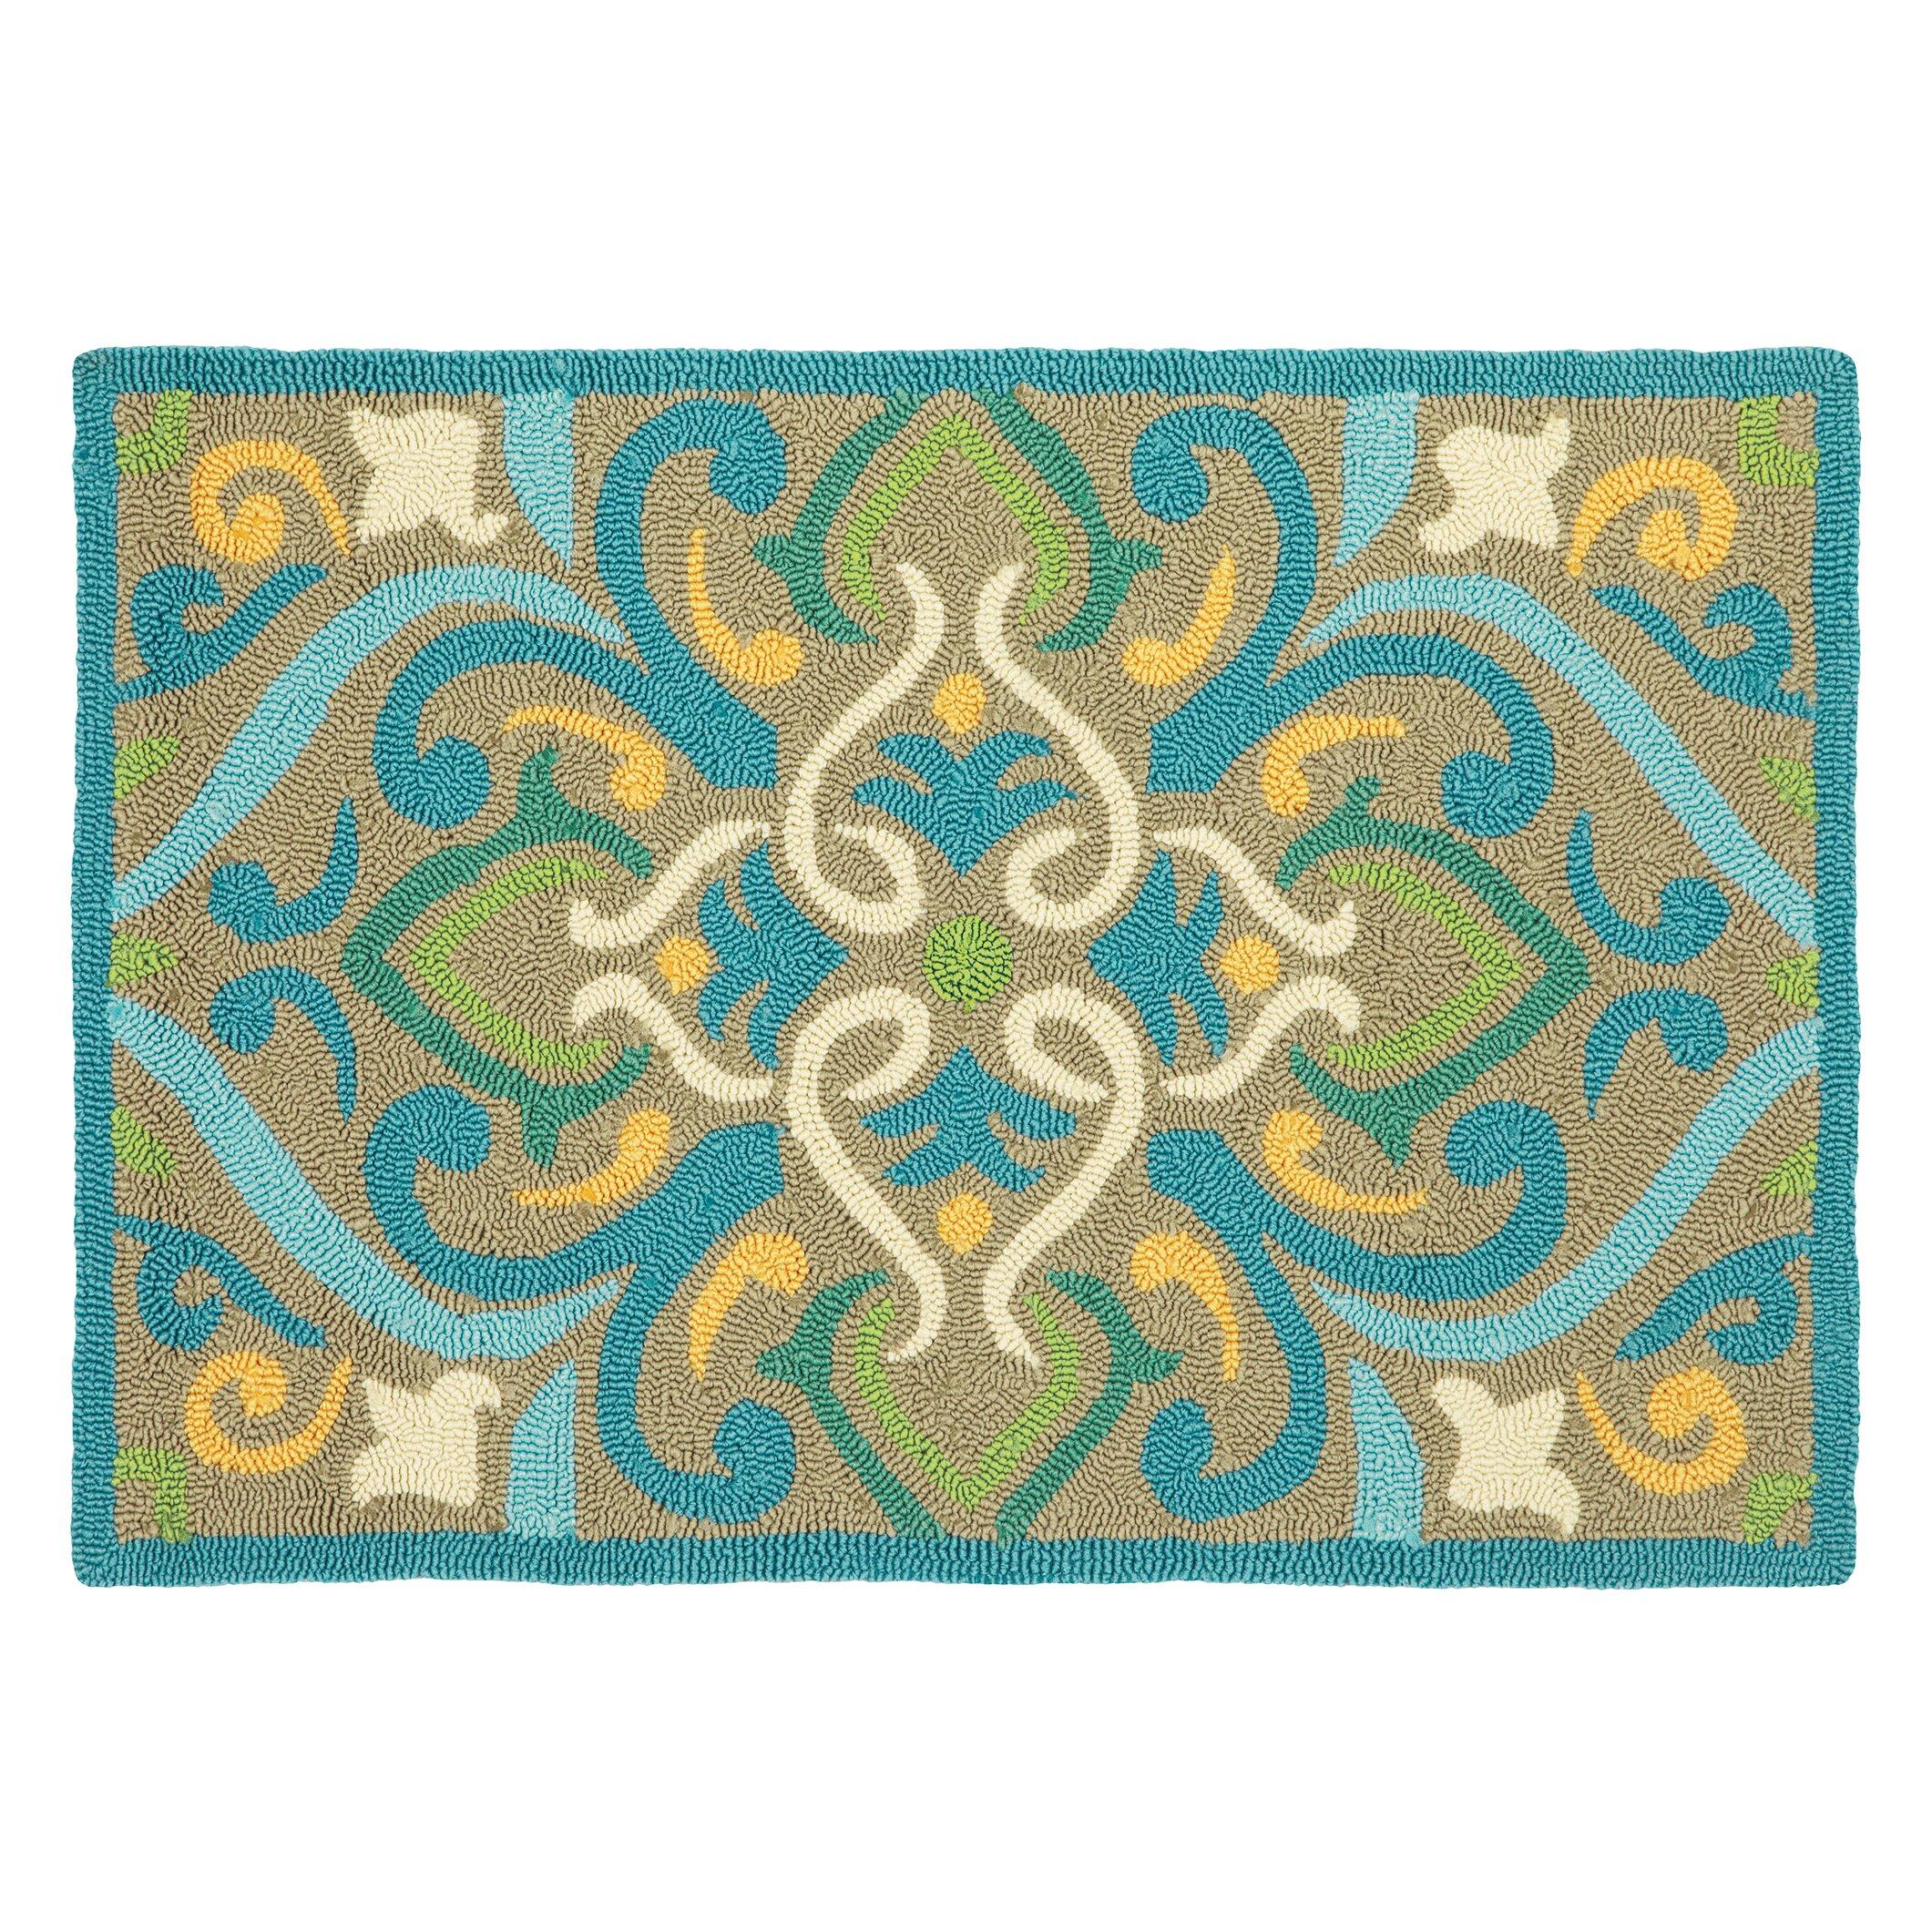 Zoubir Turquoise Area Rug Reviews: Company C Morocco Aqua Area Rug & Reviews